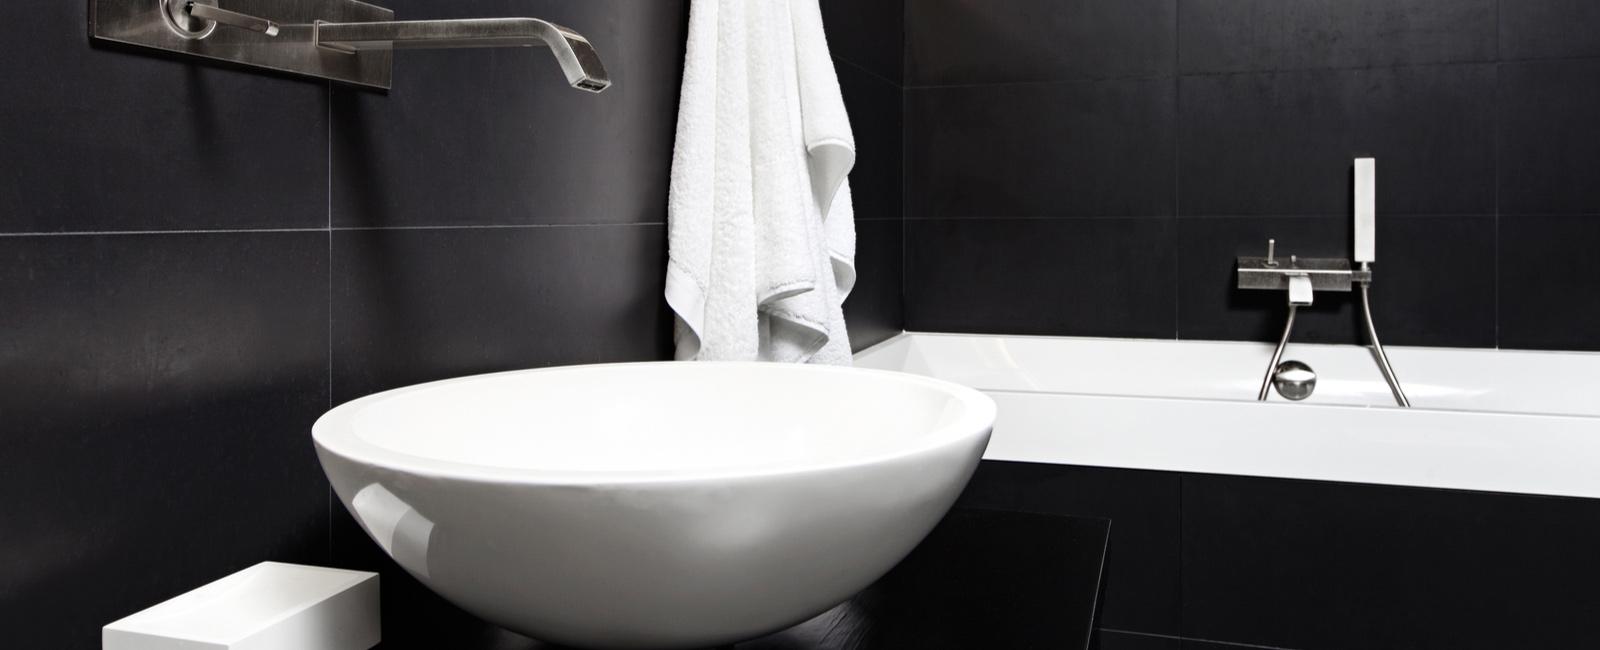 poser vasque de salle de bain